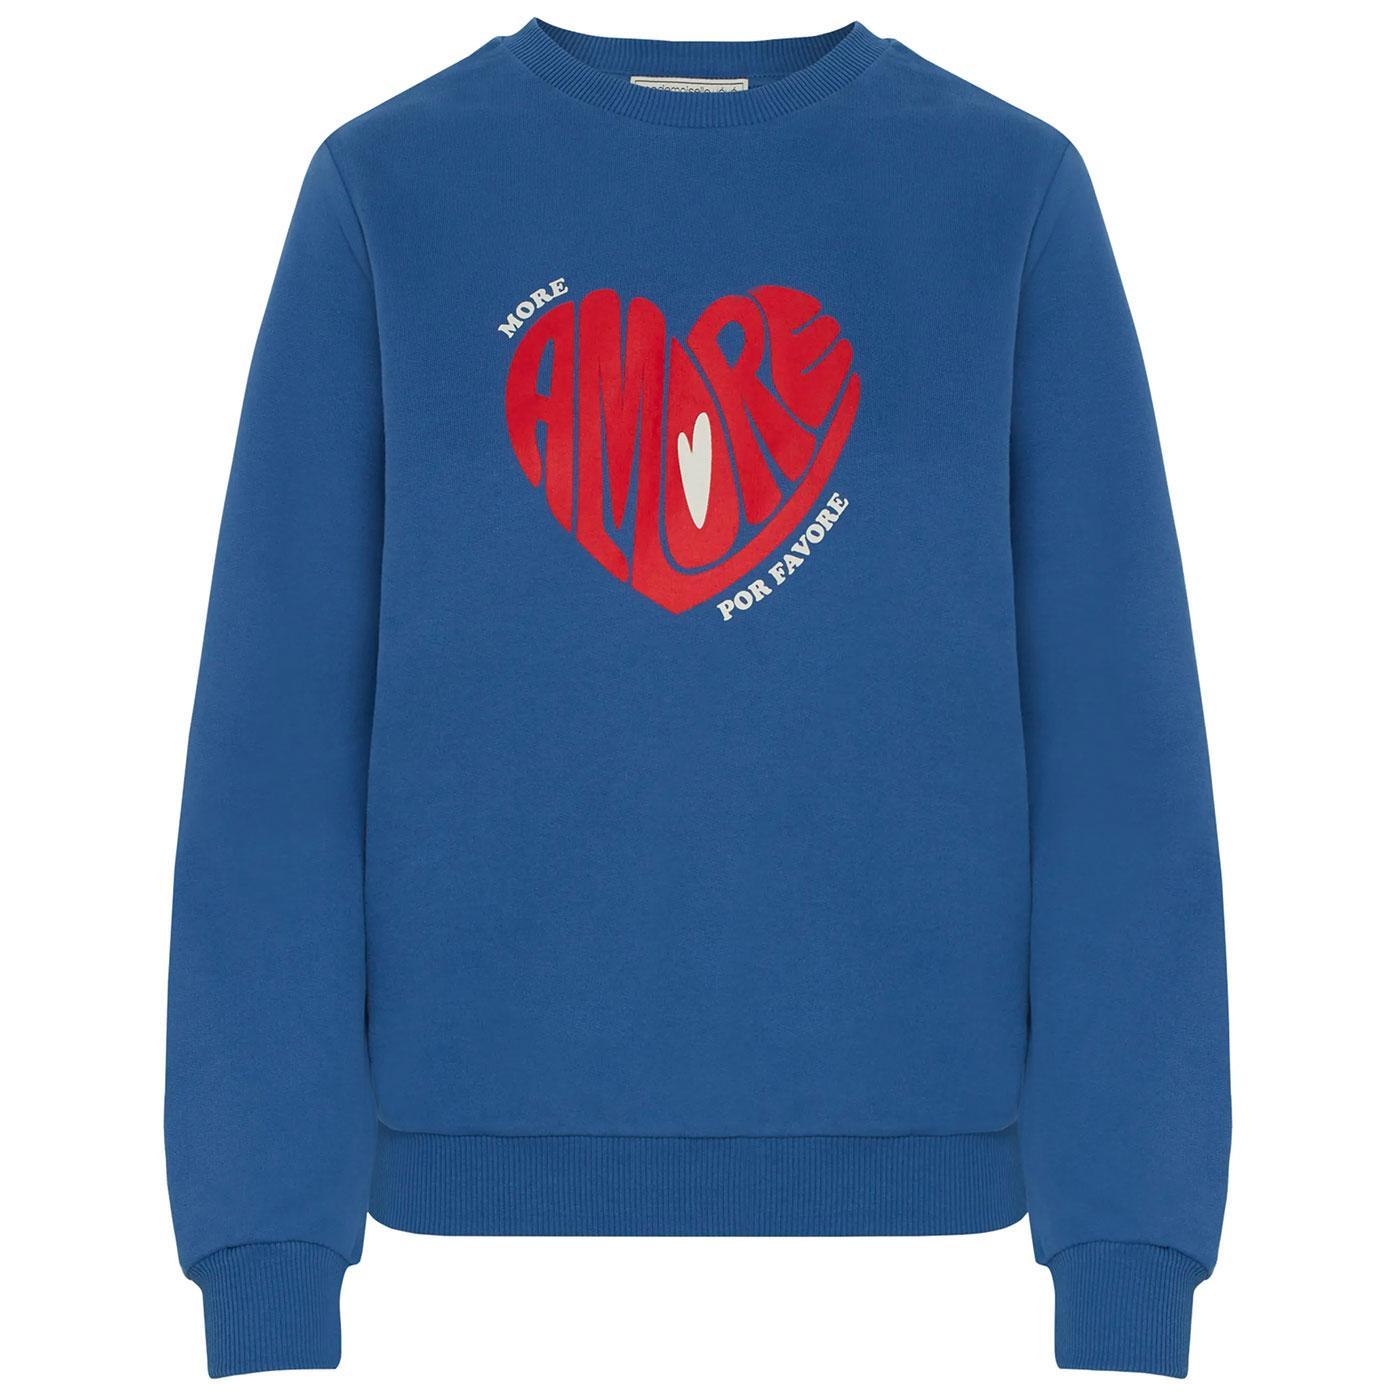 More Amore MADEMOISELLE YEYE Retro Sweatshirt